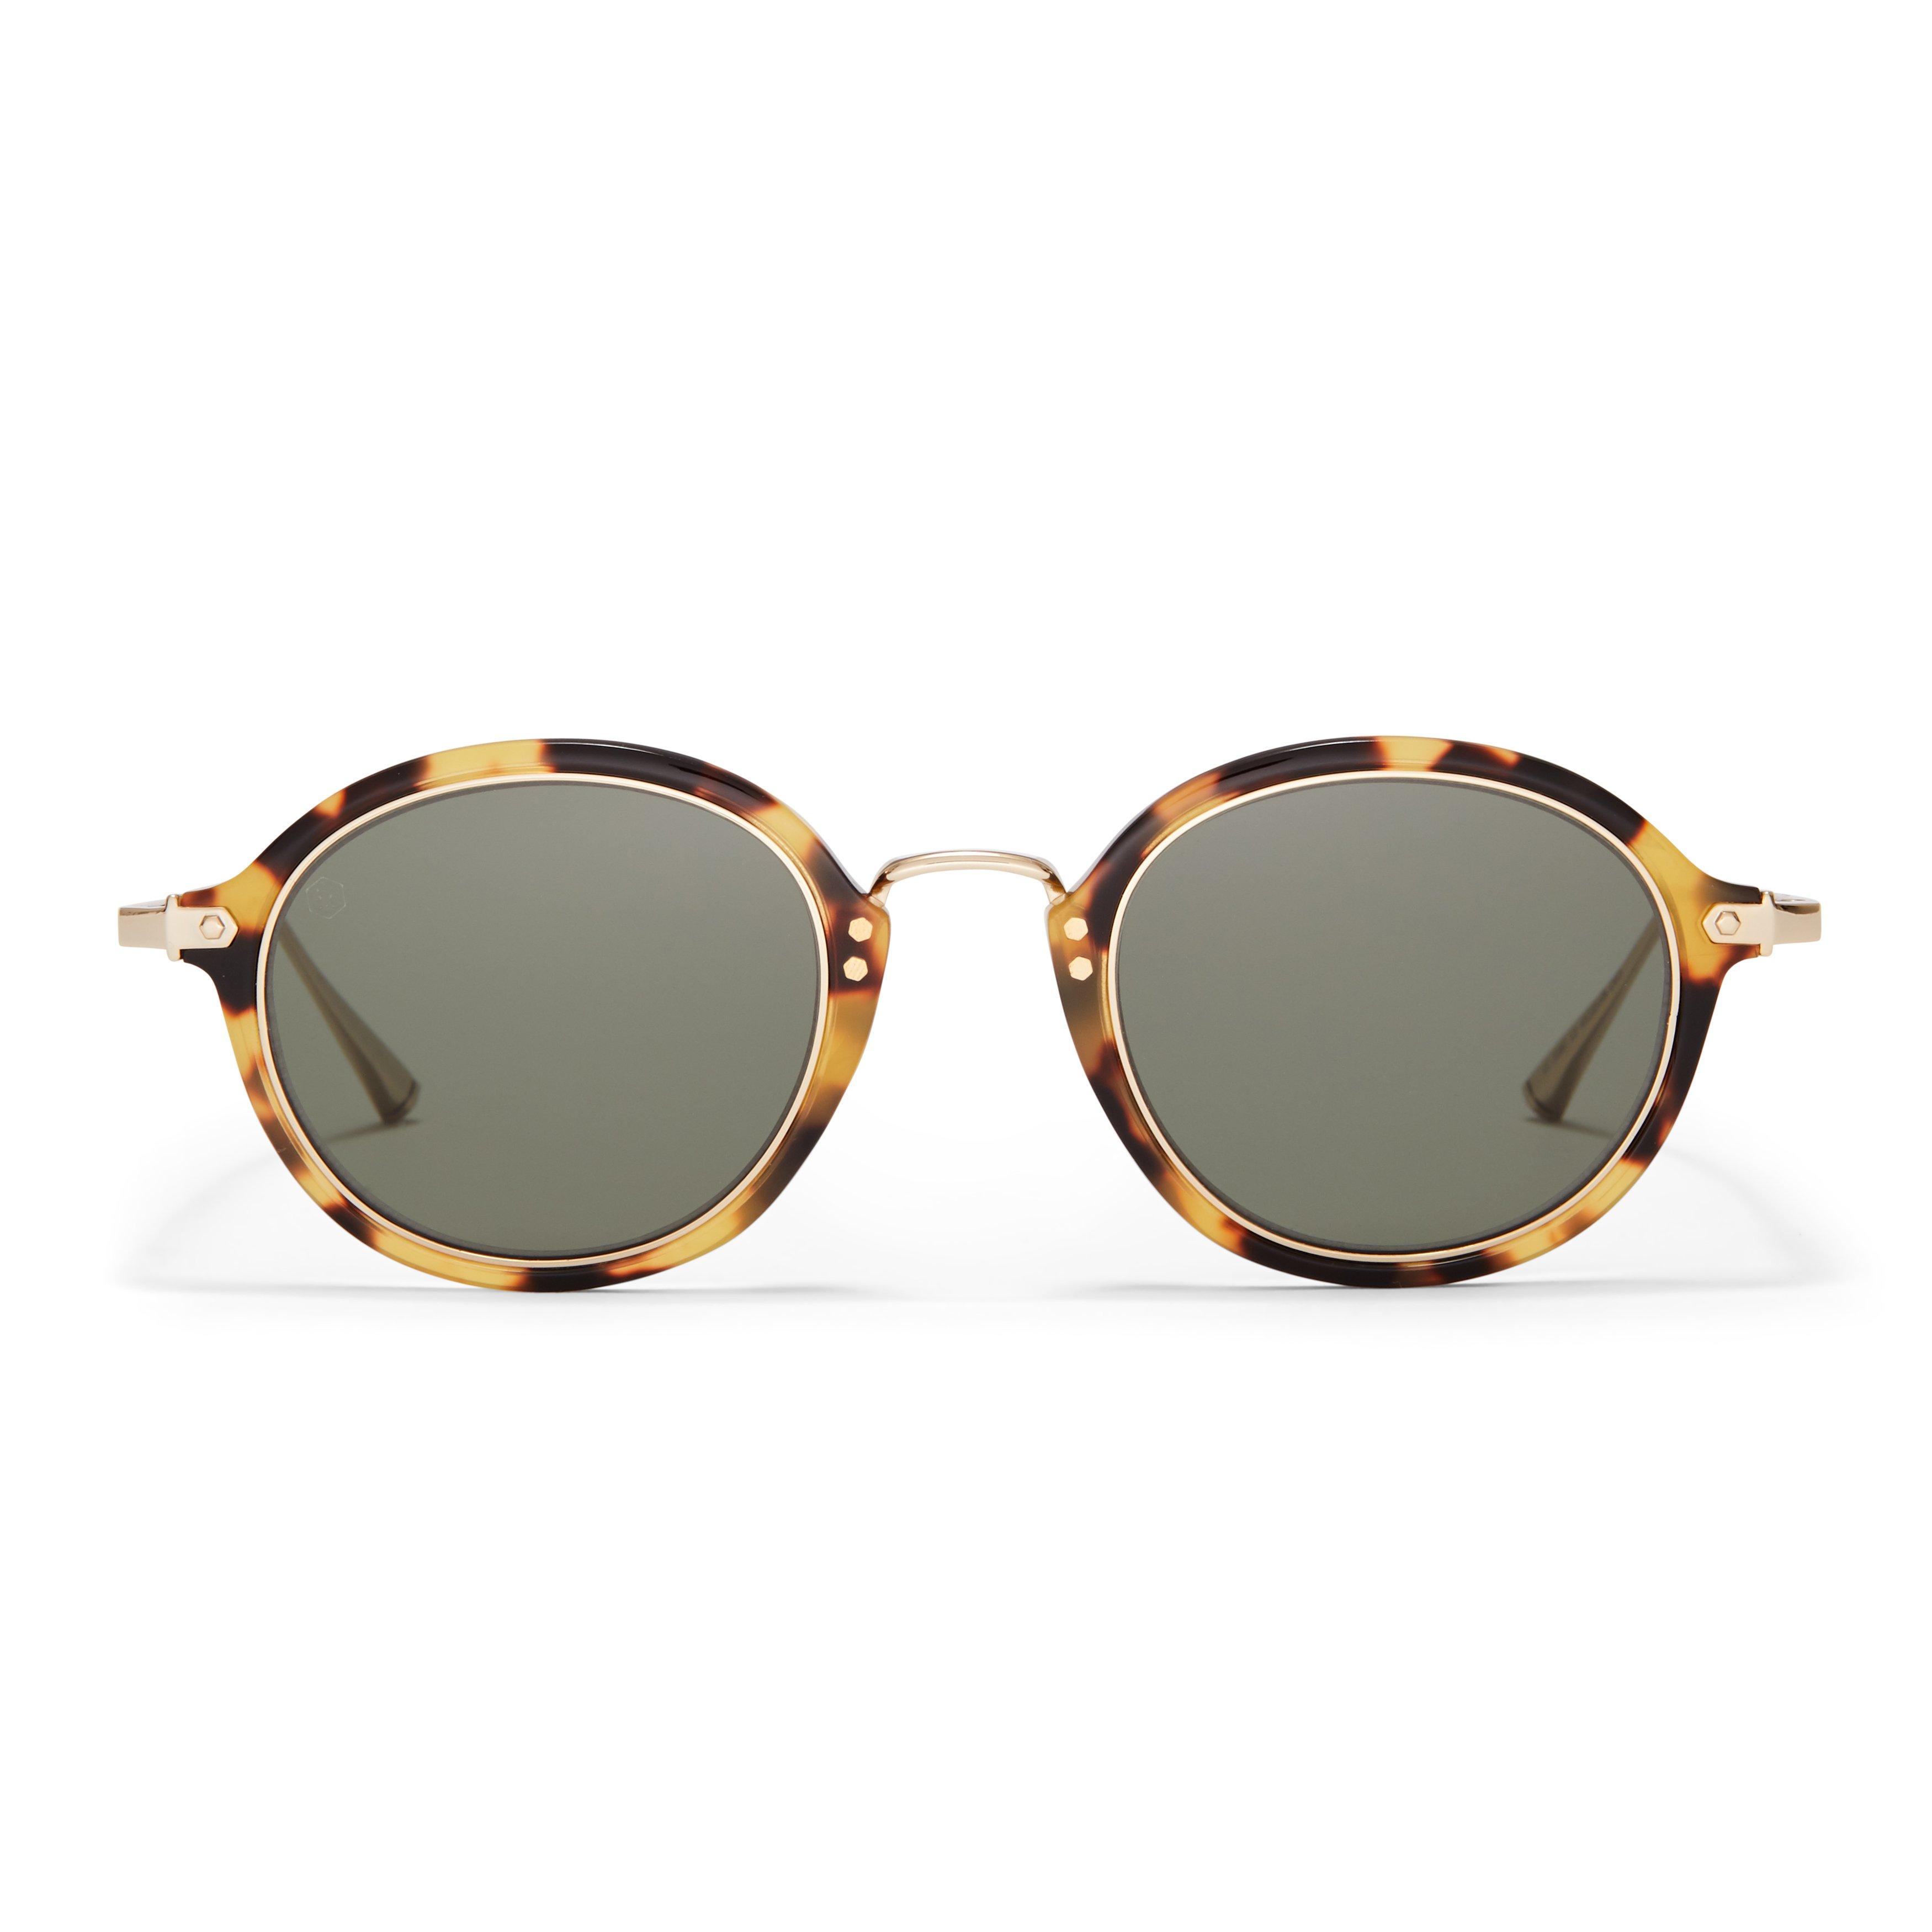 Taylor Morris Golborne Sunglasses, Non-prescription